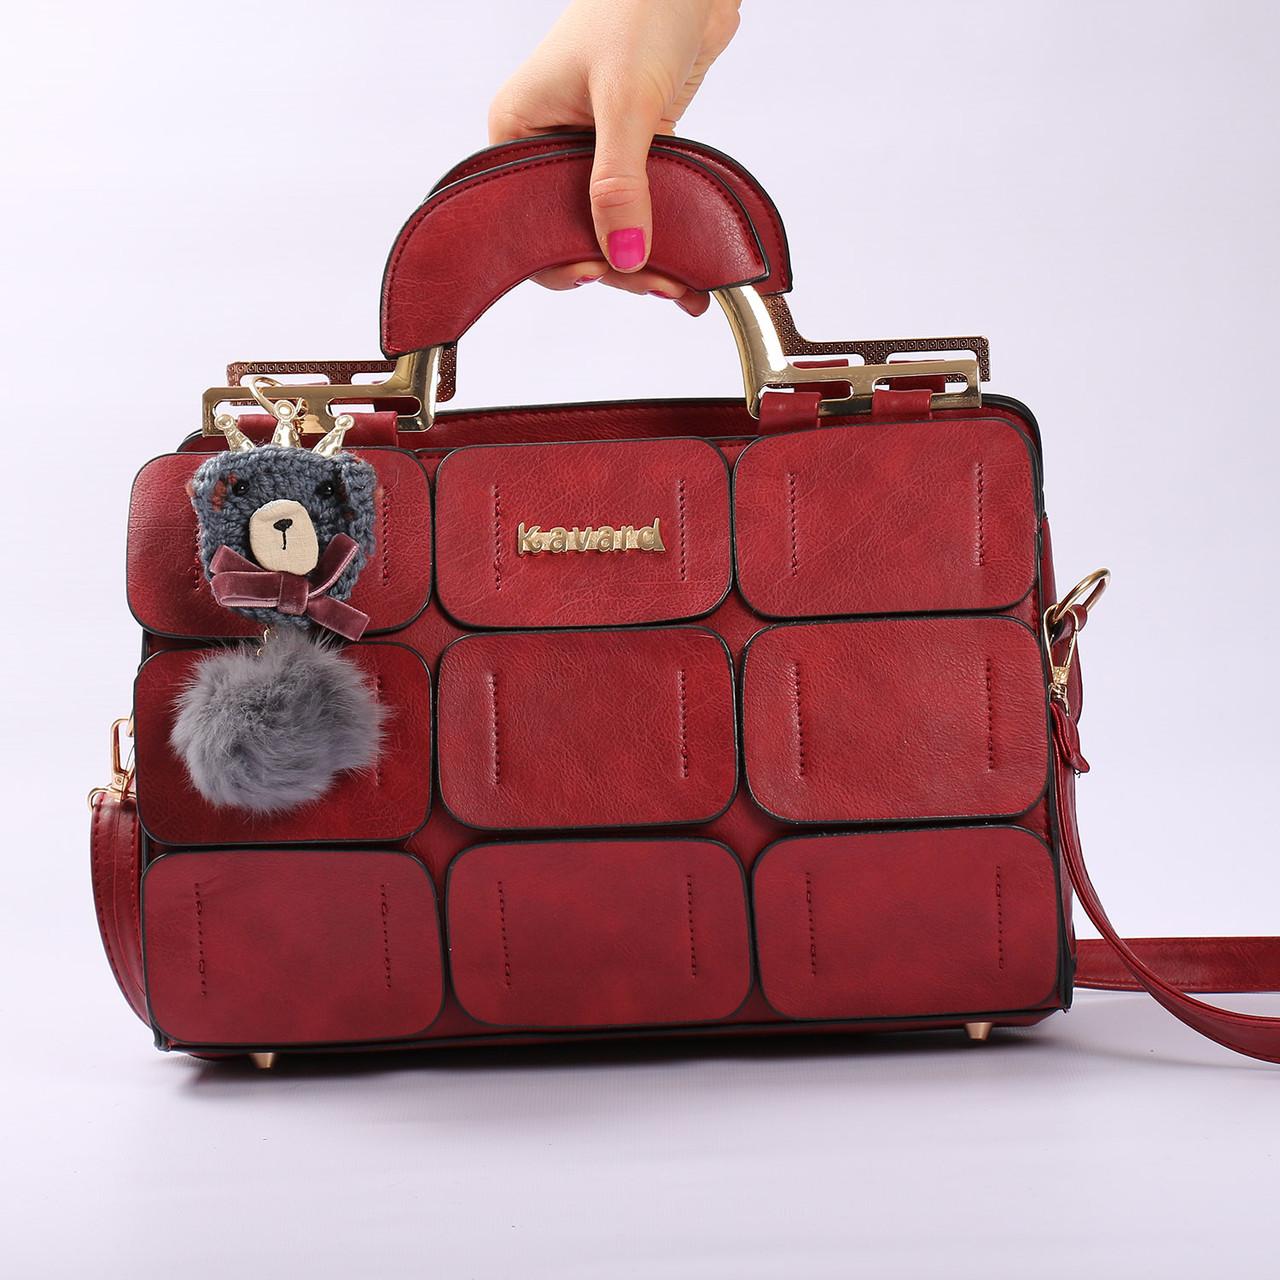 Женская повседневная сумка-саквояж